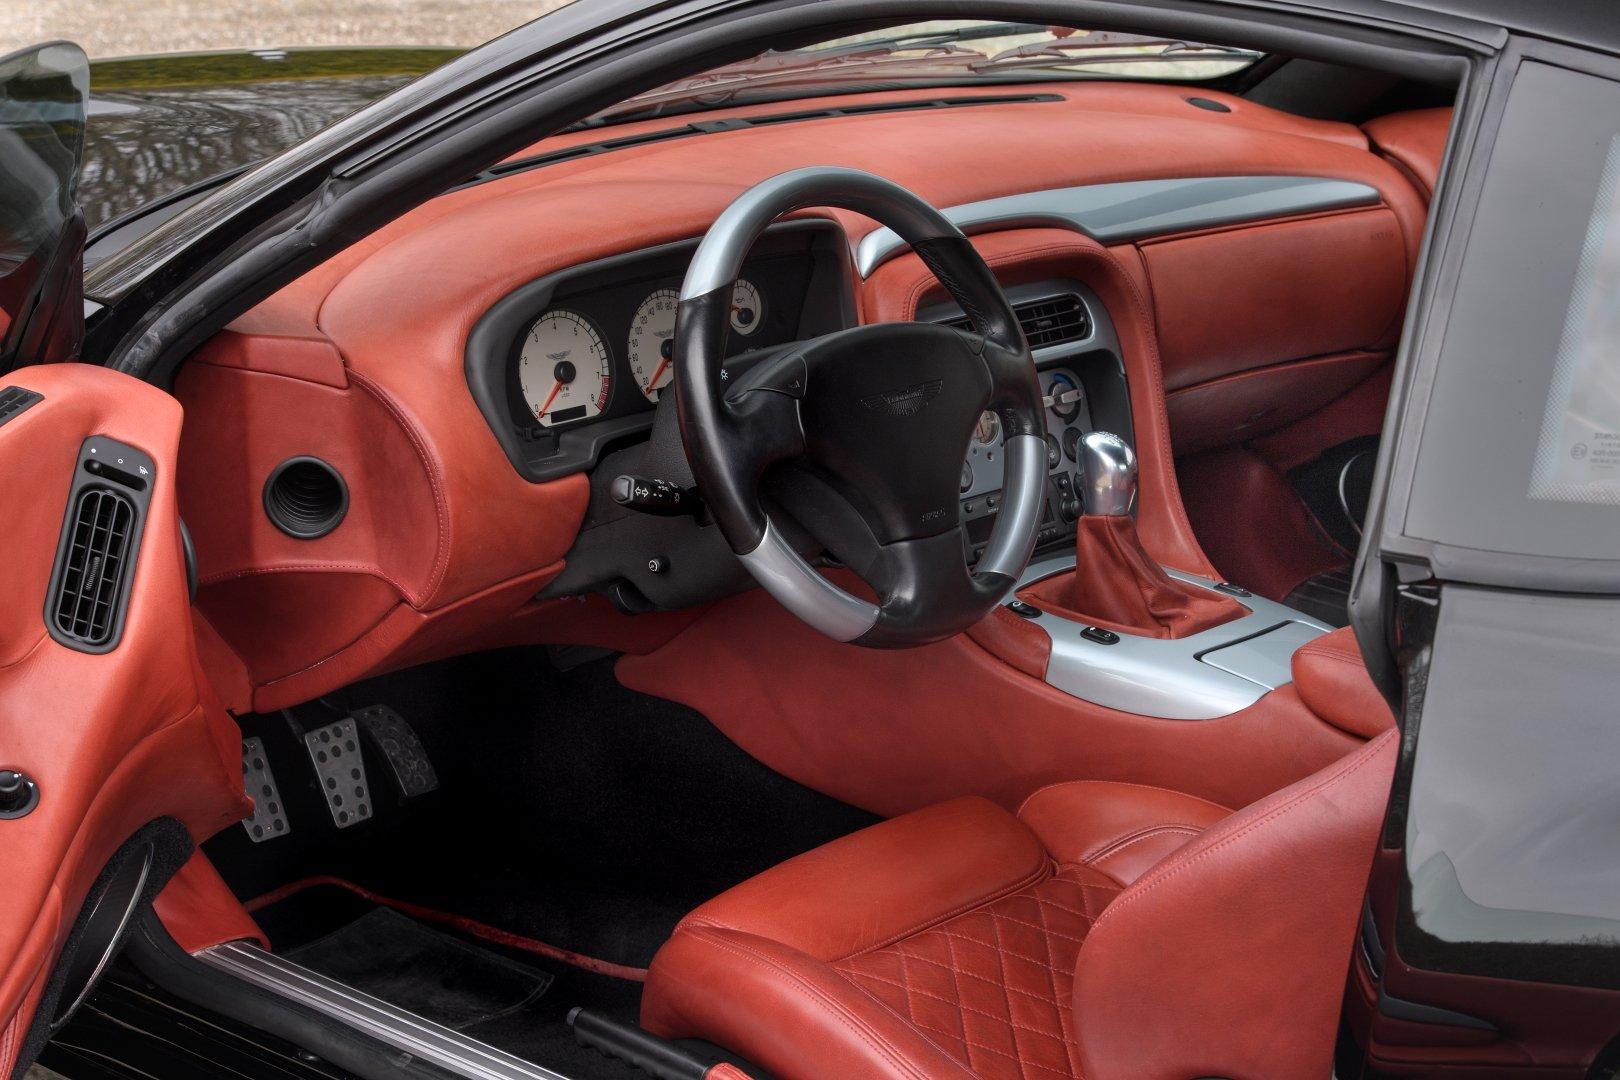 2003 Aston Martin DB7 Zagato - Chassis 001  For Sale (picture 3 of 6)